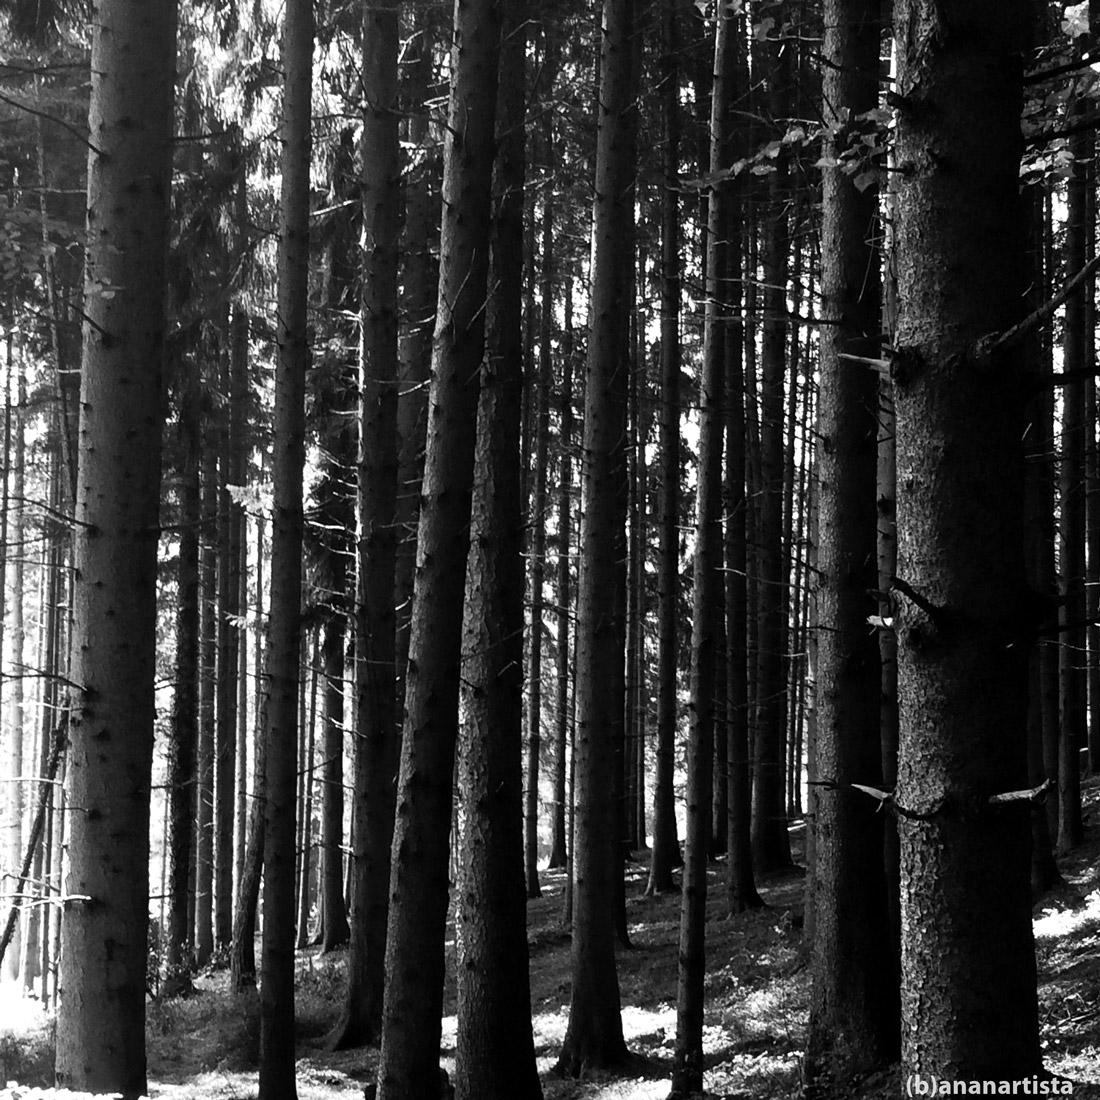 l'essere mi bea: bosco di conifere in bianco e nero di (b)ananartista sbuff